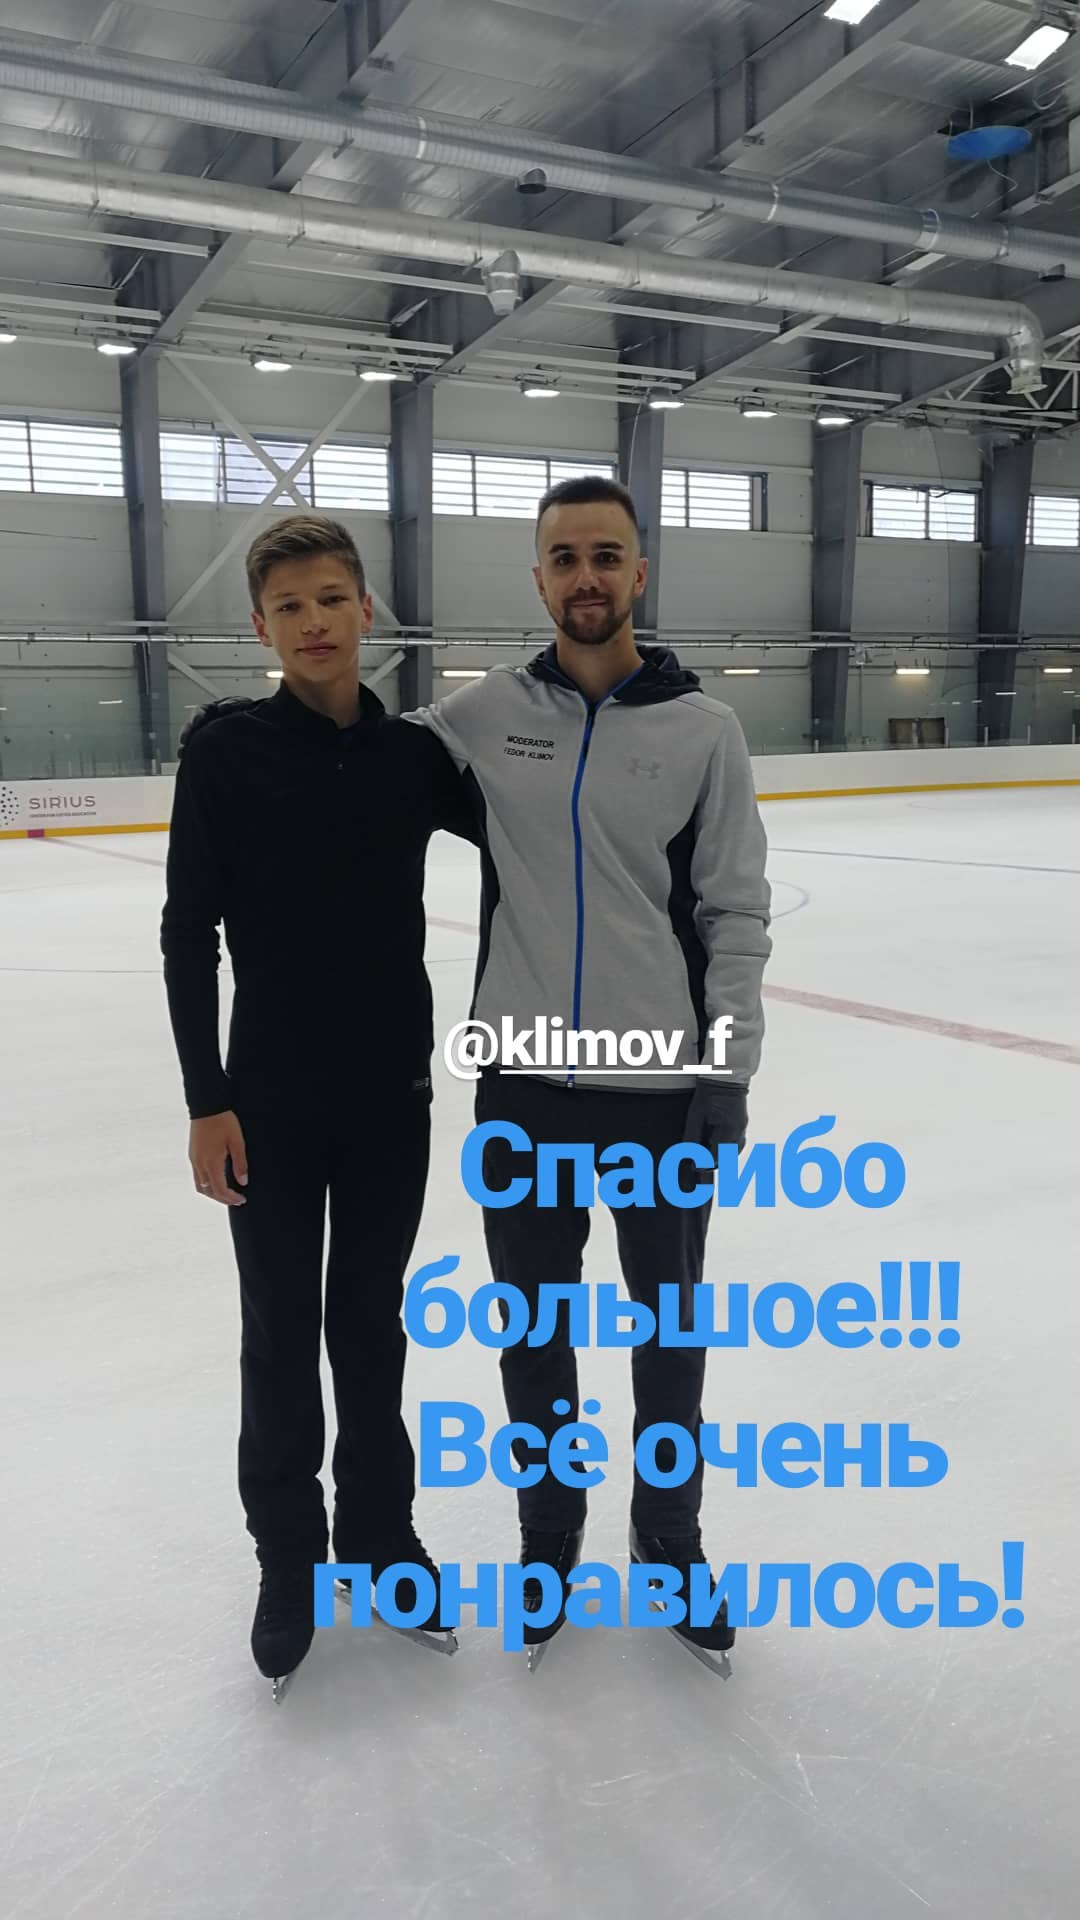 Ксения Столбова - Фёдор Климов - 2 - Страница 16 9NQGmN1M_Jw